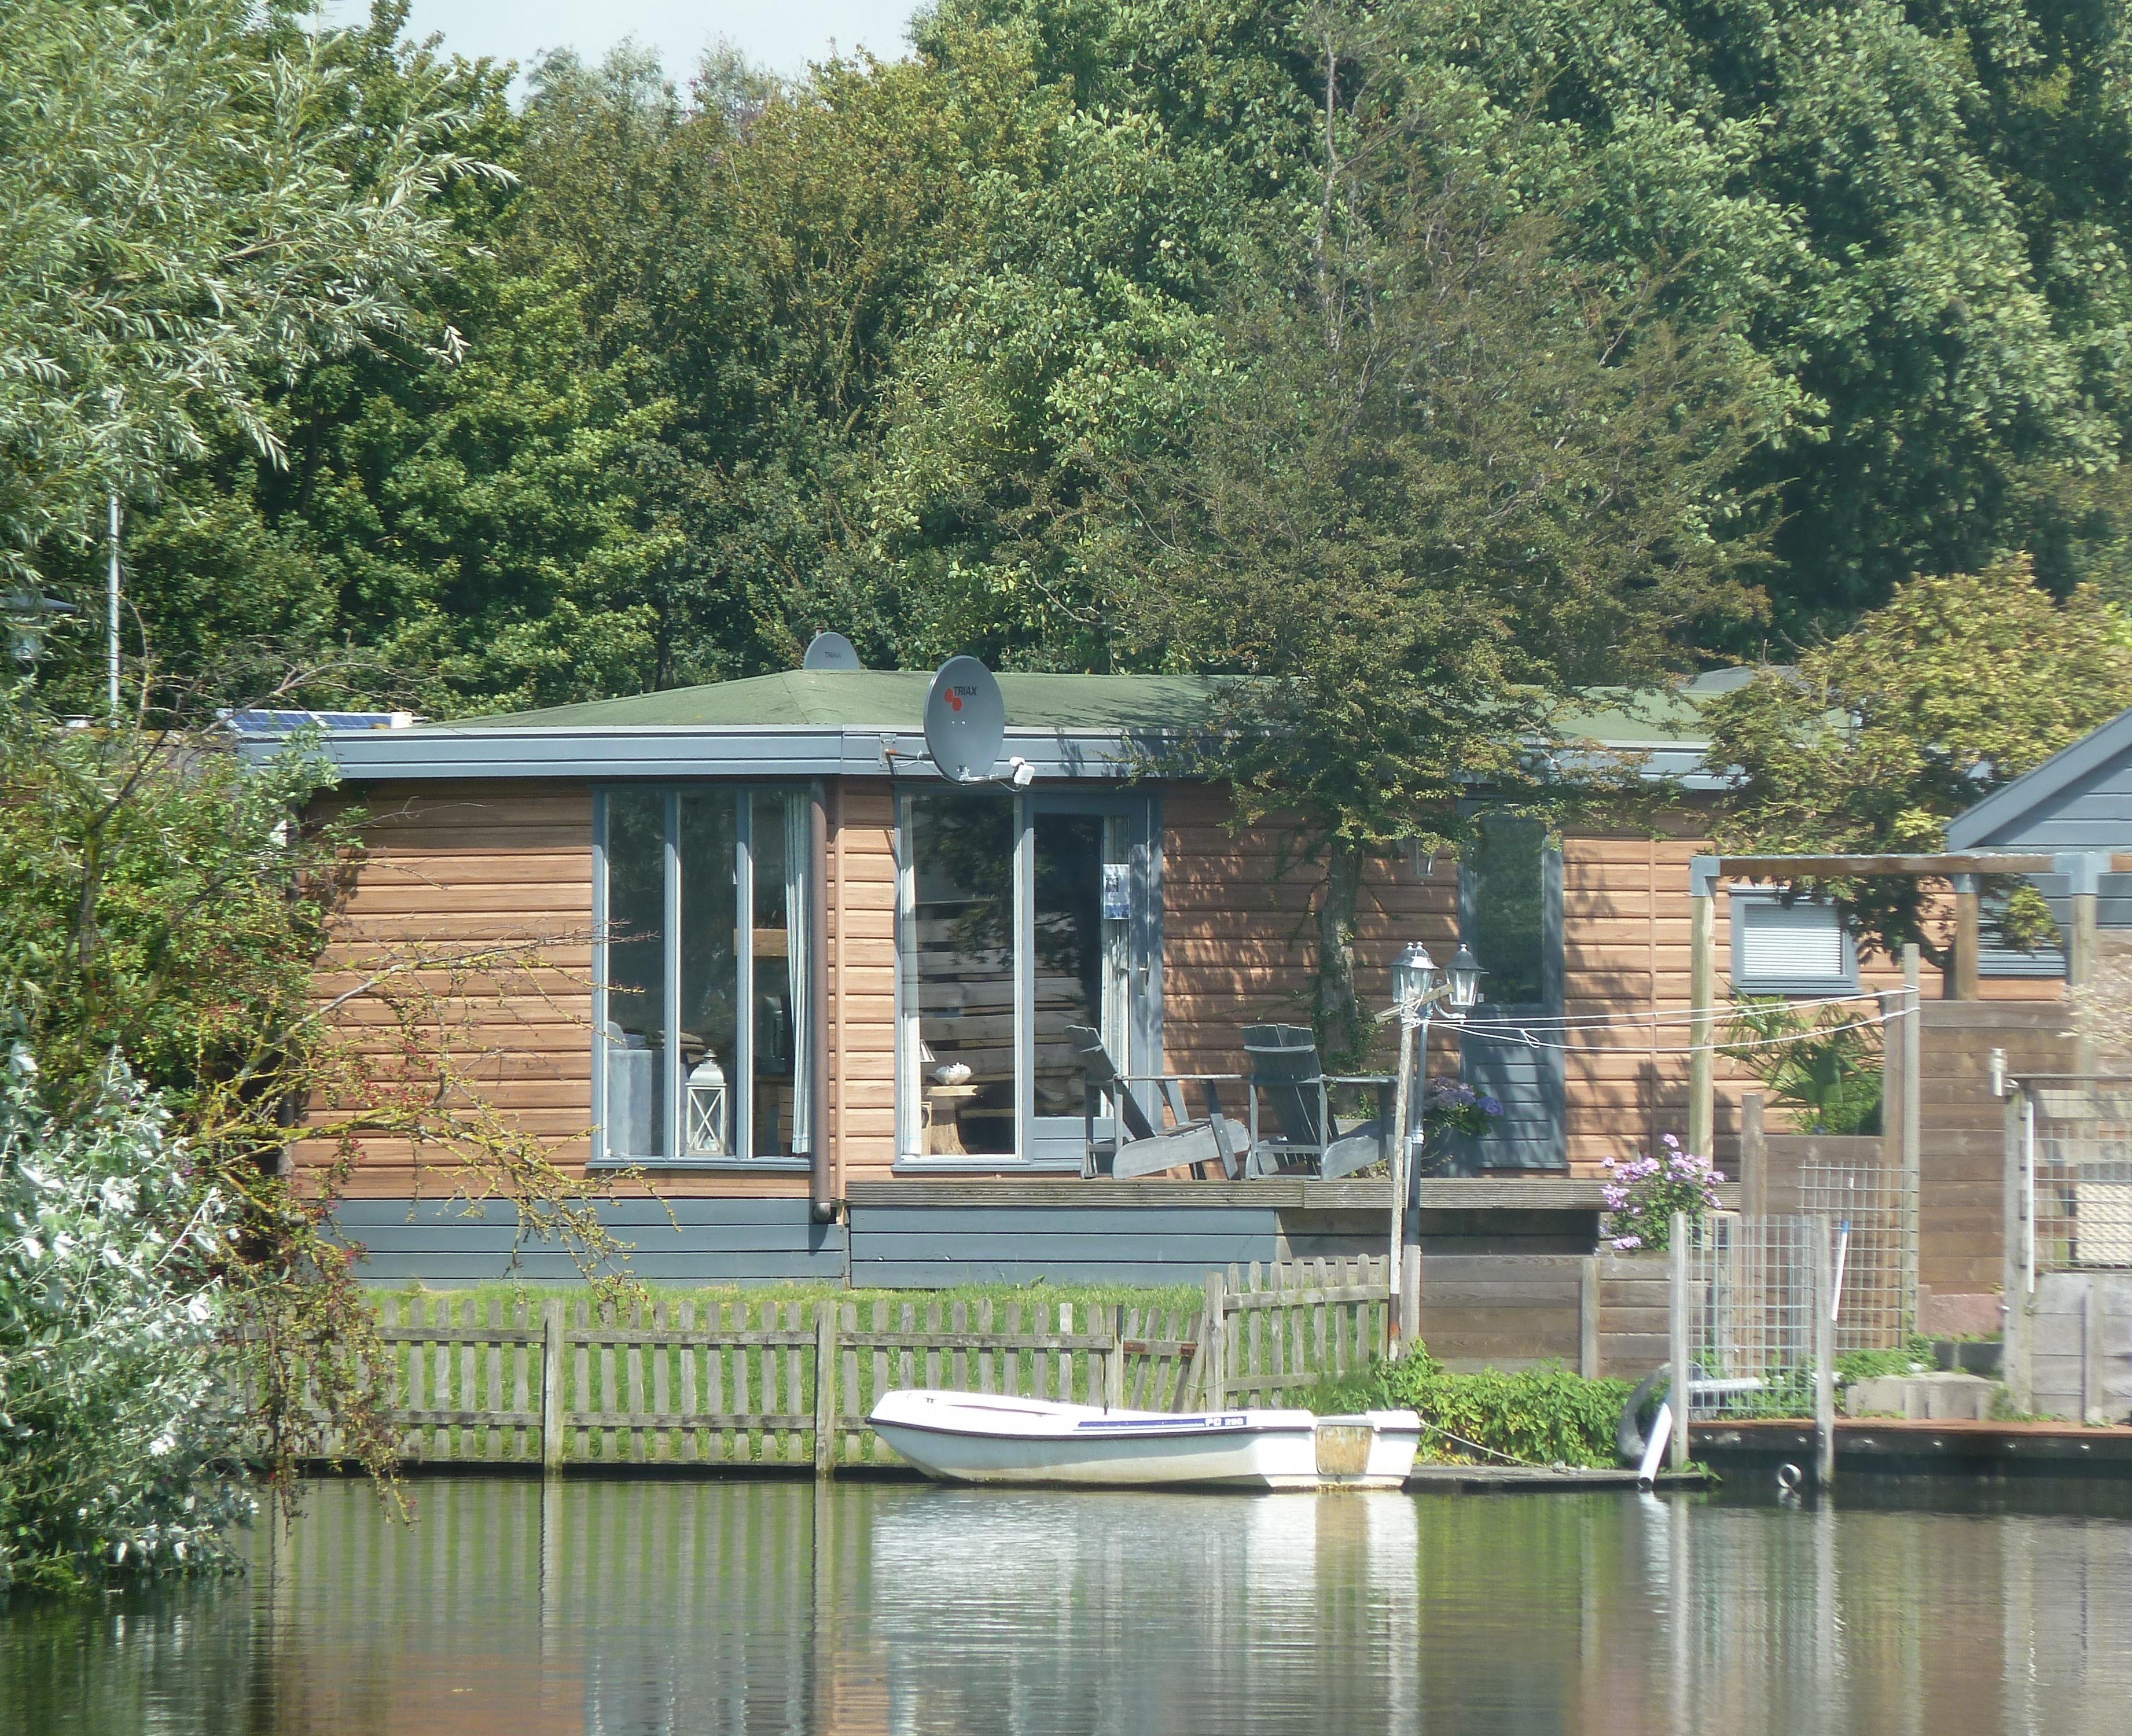 Chalet T32 huren, camping de Holle Poarte in Makkum, IJsselmeer, Friesland